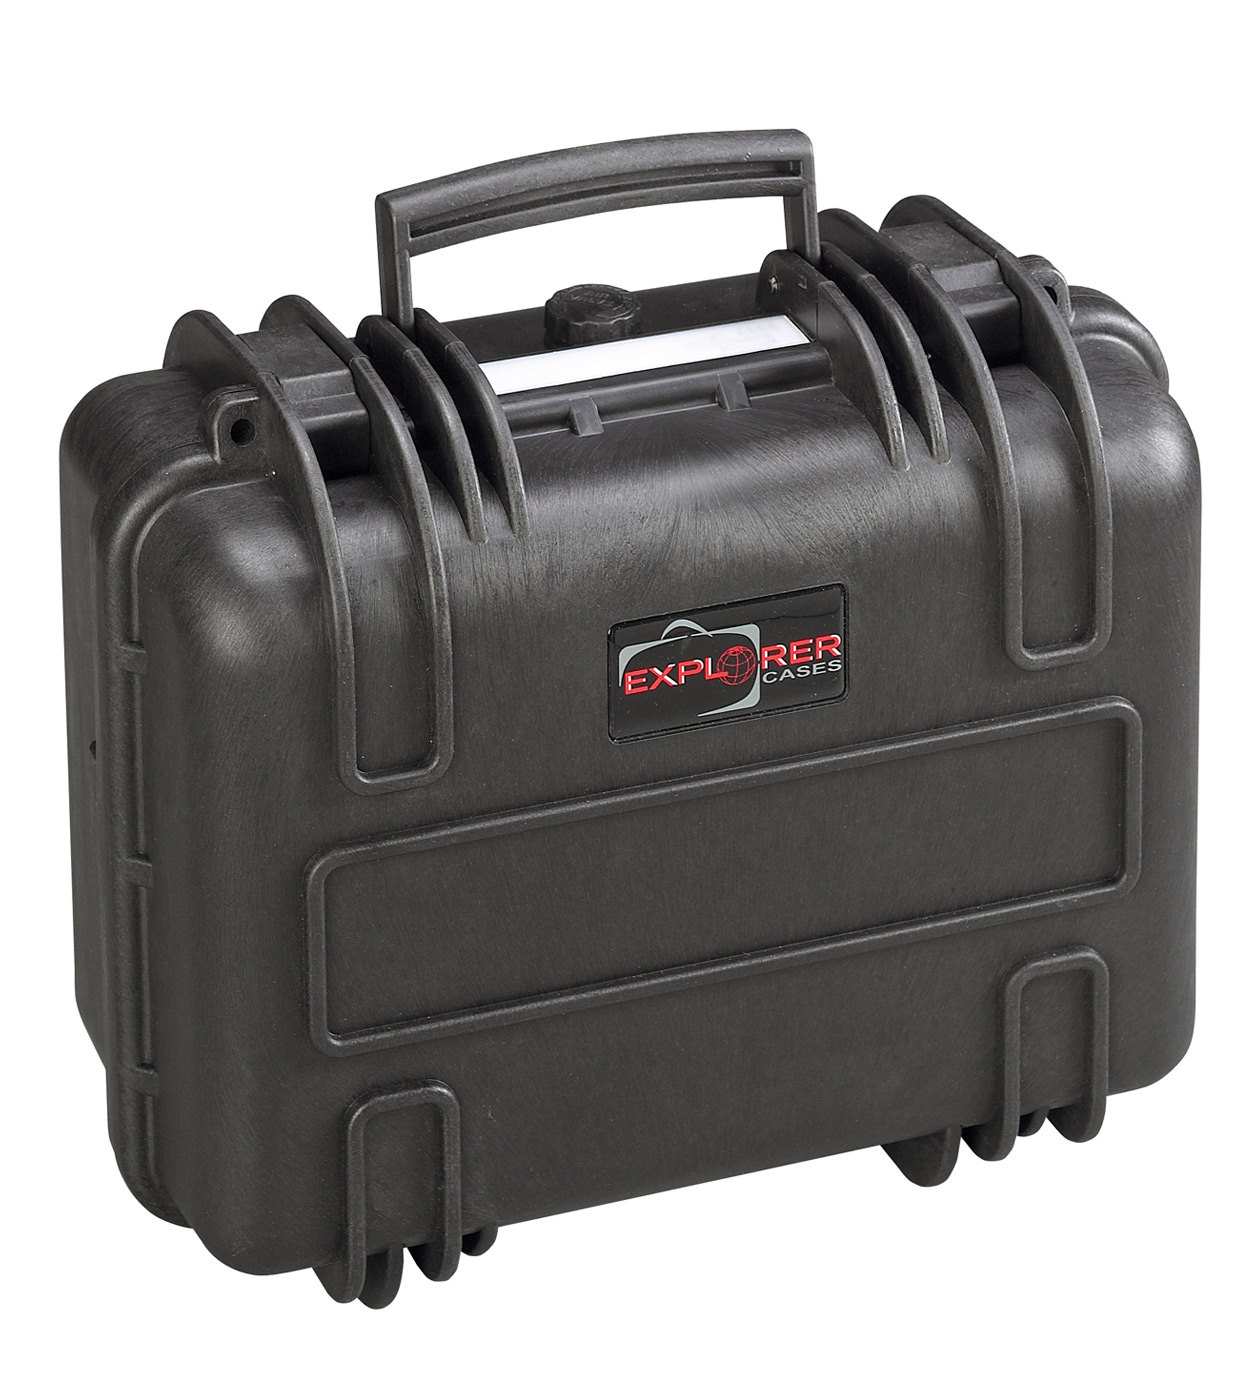 Куфар за експедиции Explorer 3317.B.E - Explorer cases